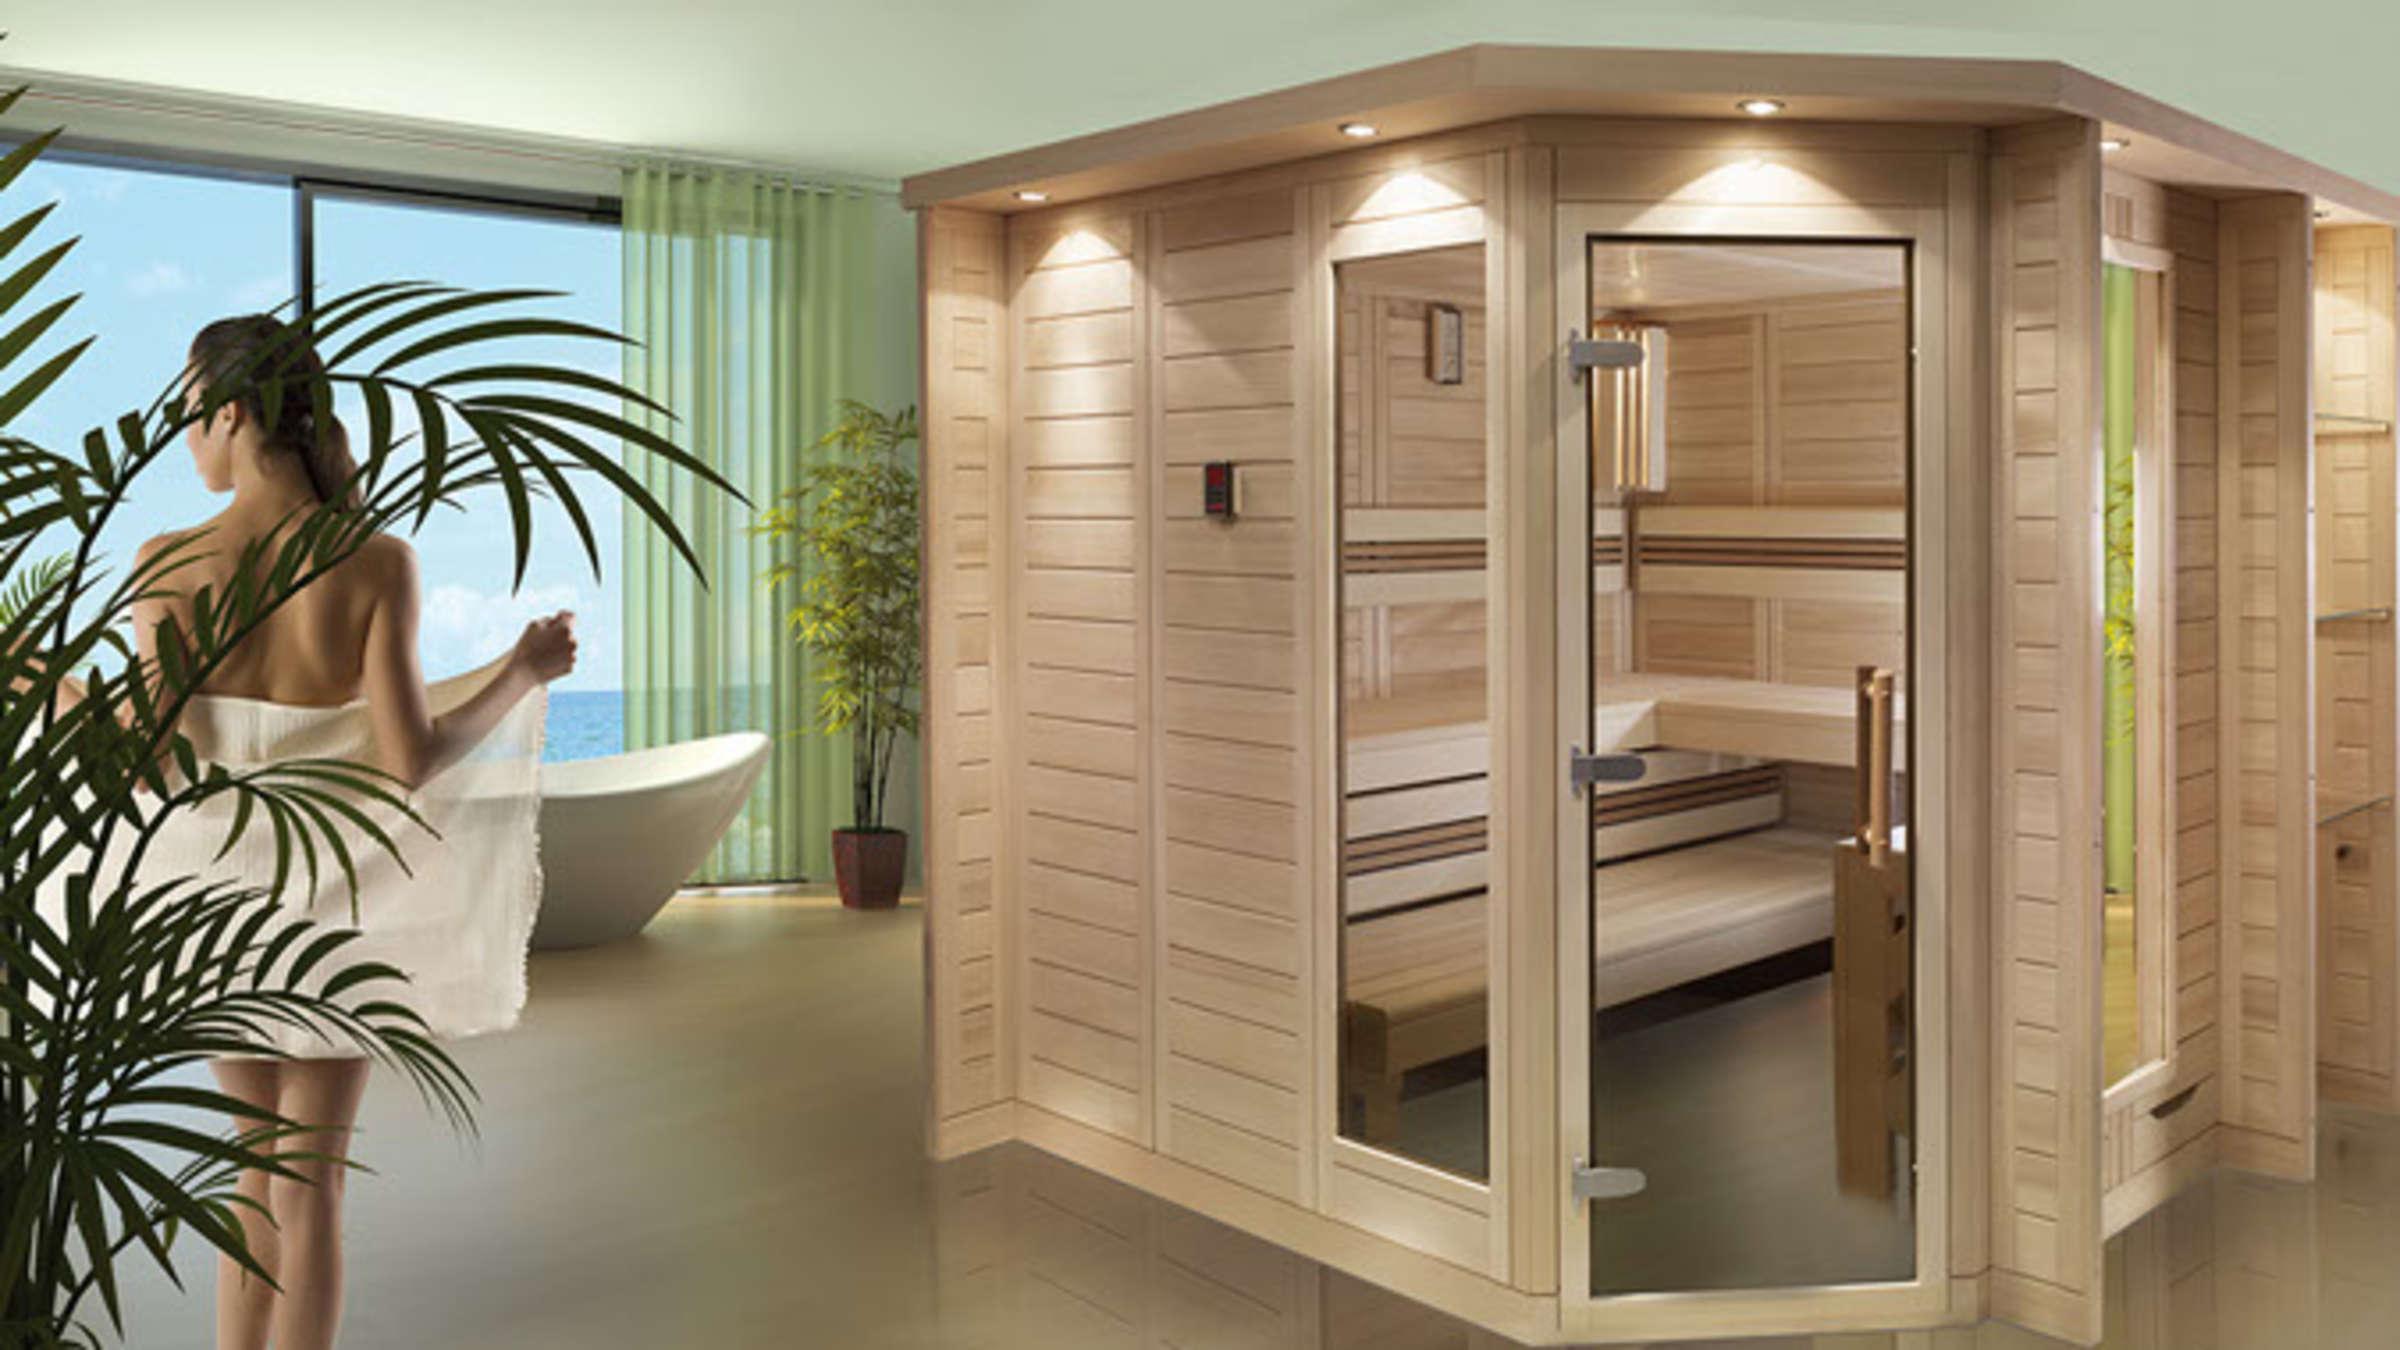 Full Size of Sauna Kaufen Gartensauna Im Sommer Wohnen Betten 140x200 Dusche Fenster Günstig Badezimmer Bett Hamburg Küche Tipps 180x200 Bad Mit Elektrogeräten Wohnzimmer Sauna Kaufen